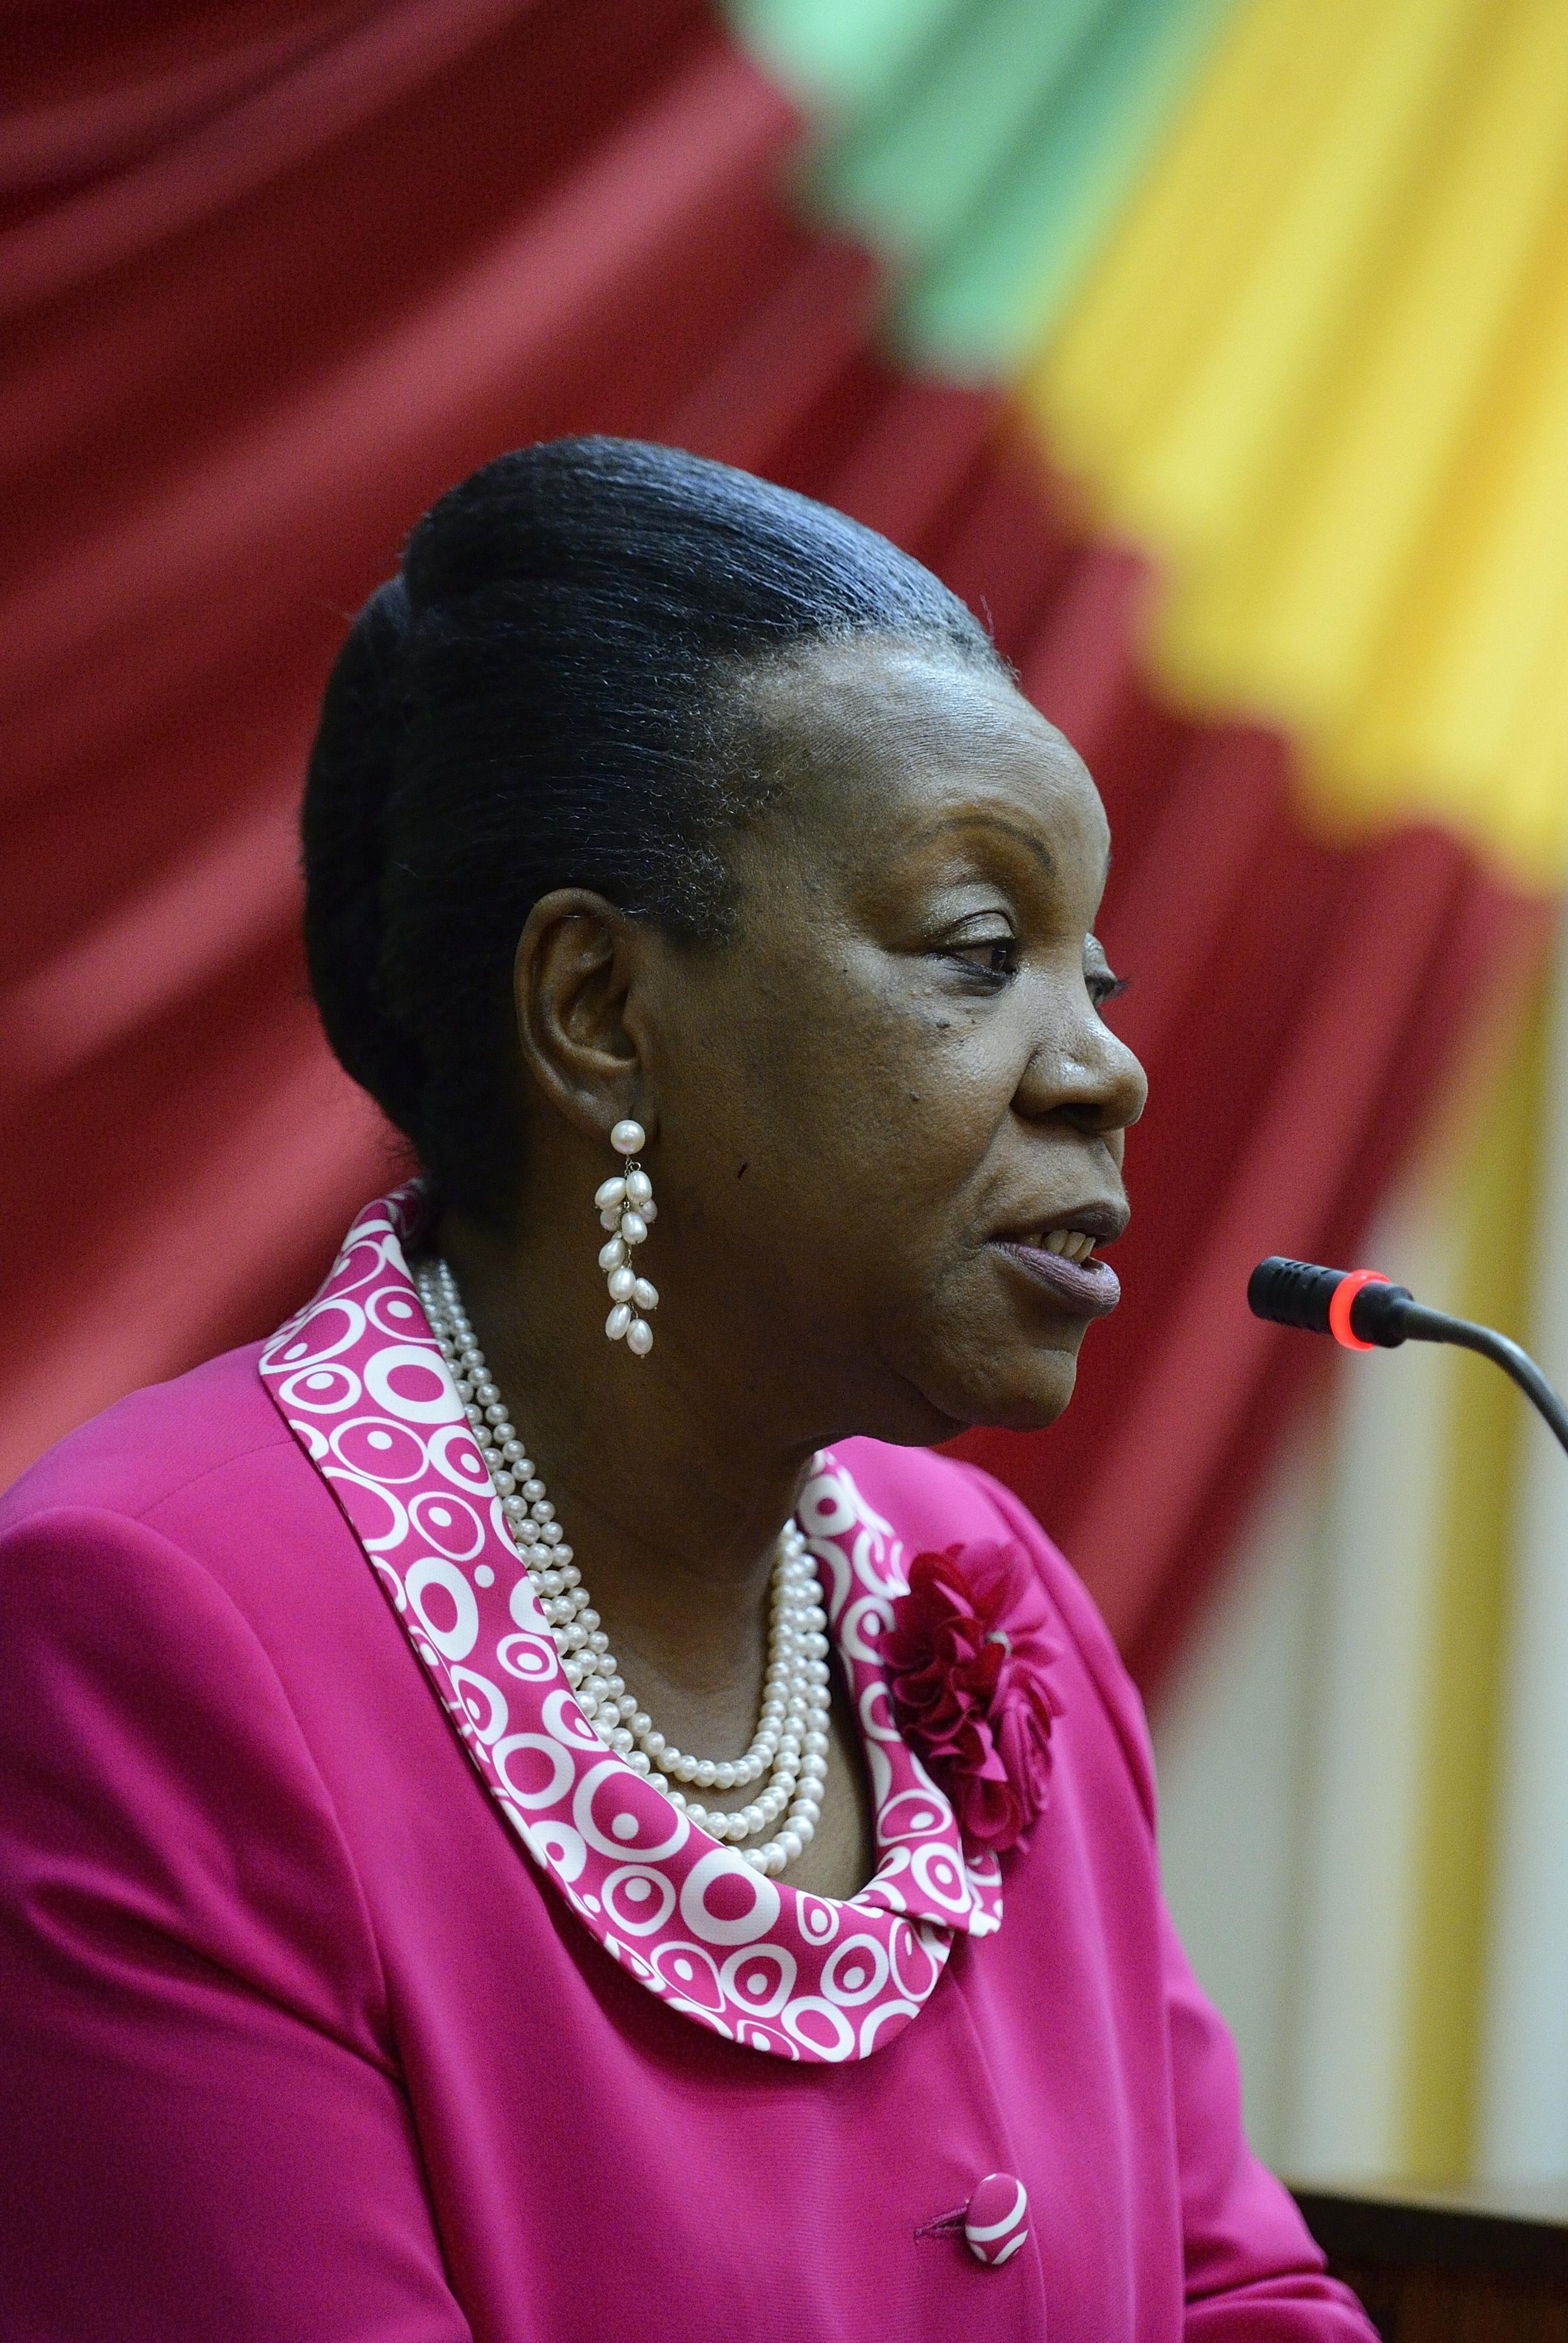 La présidente Catherine Samba-Panza s'adresse aux membres du Conseil national de transition, à Bangui, le 20 janvier2014.